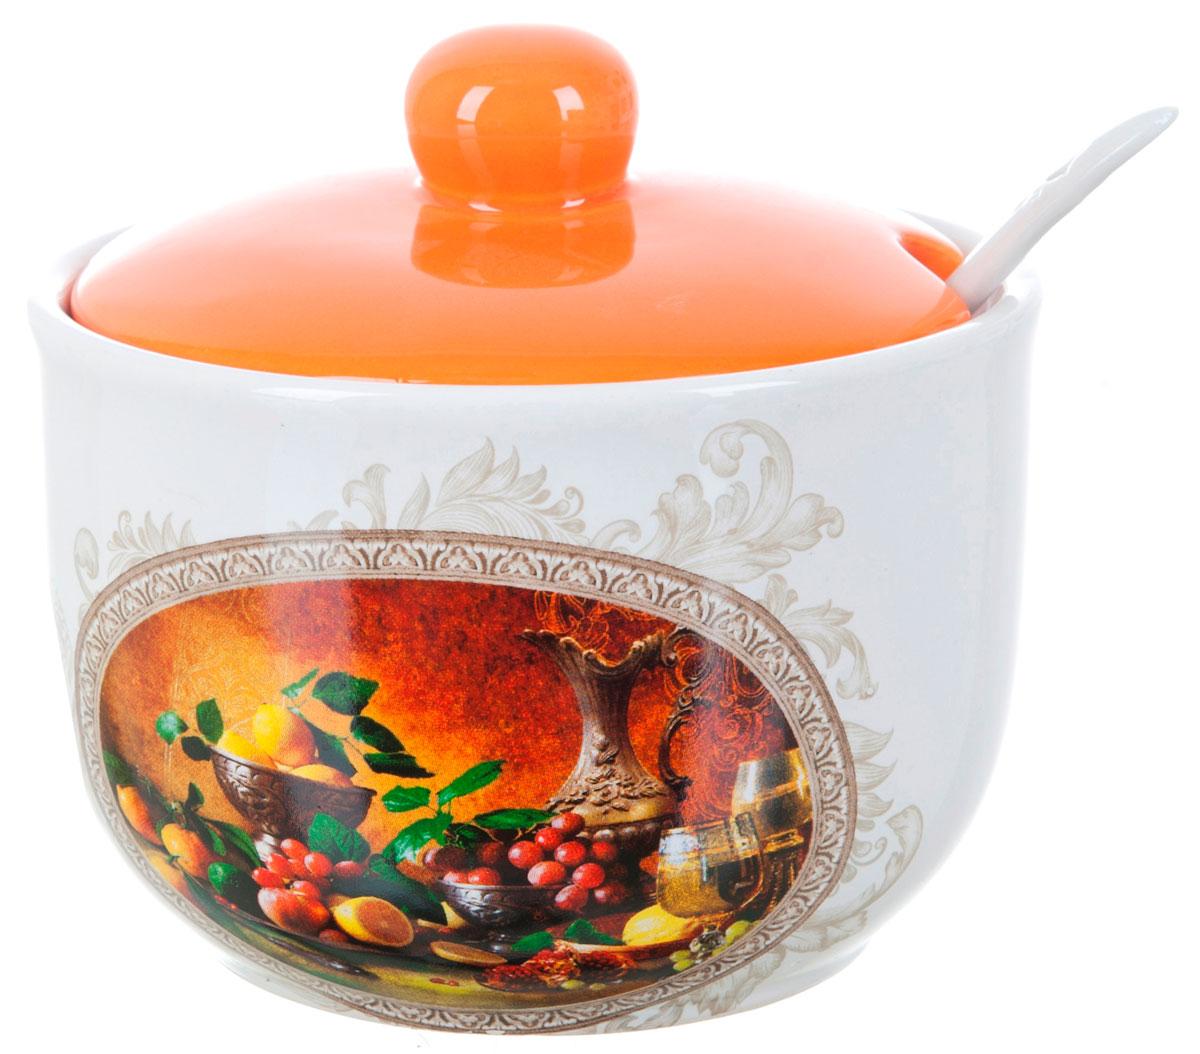 Сахарница ENS Group Севилья, с ложкой, 400 мл115510Сахарница Севилья с крышкой и ложкой изготовлена из керамики и украшена ярким рисунком.Емкость универсальна, подойдет как для сахара, так и для специй или меда. Можно мыть в посудомоечной машине.